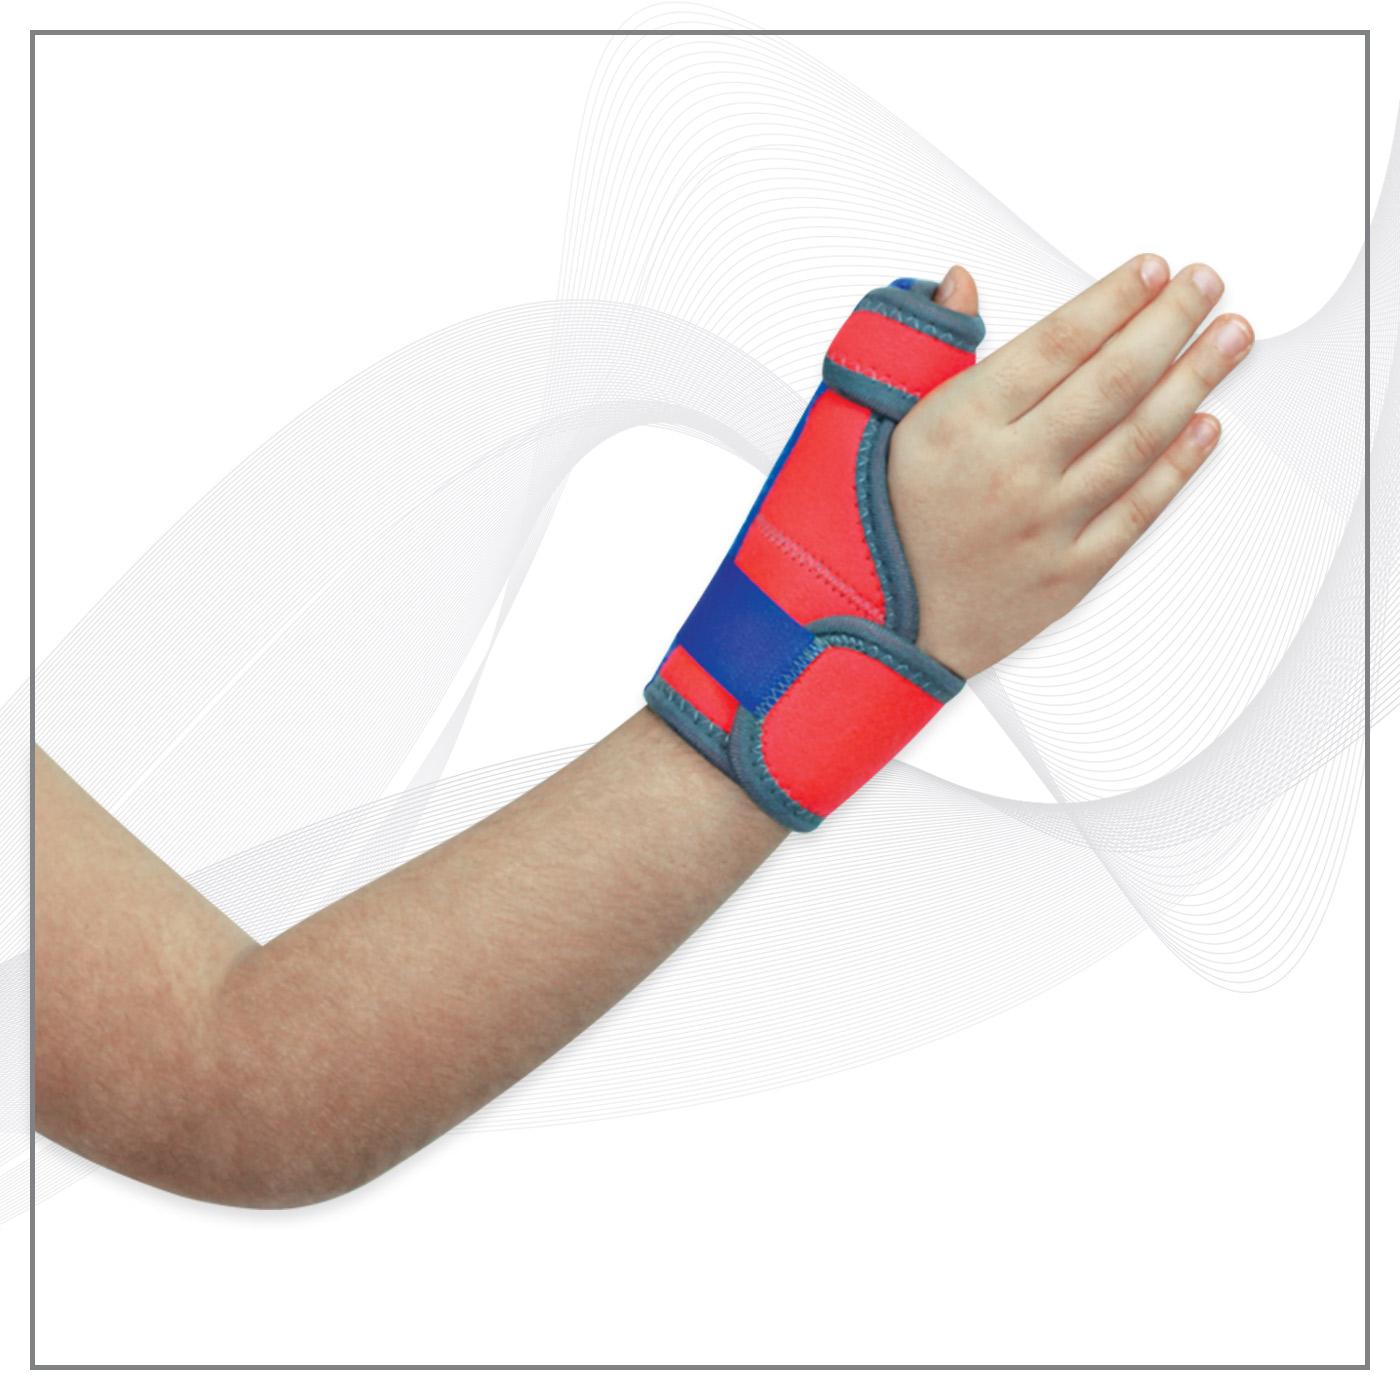 Abc Tıp Sağlık Ortopedik Çocuk Ürünleri JB  2303